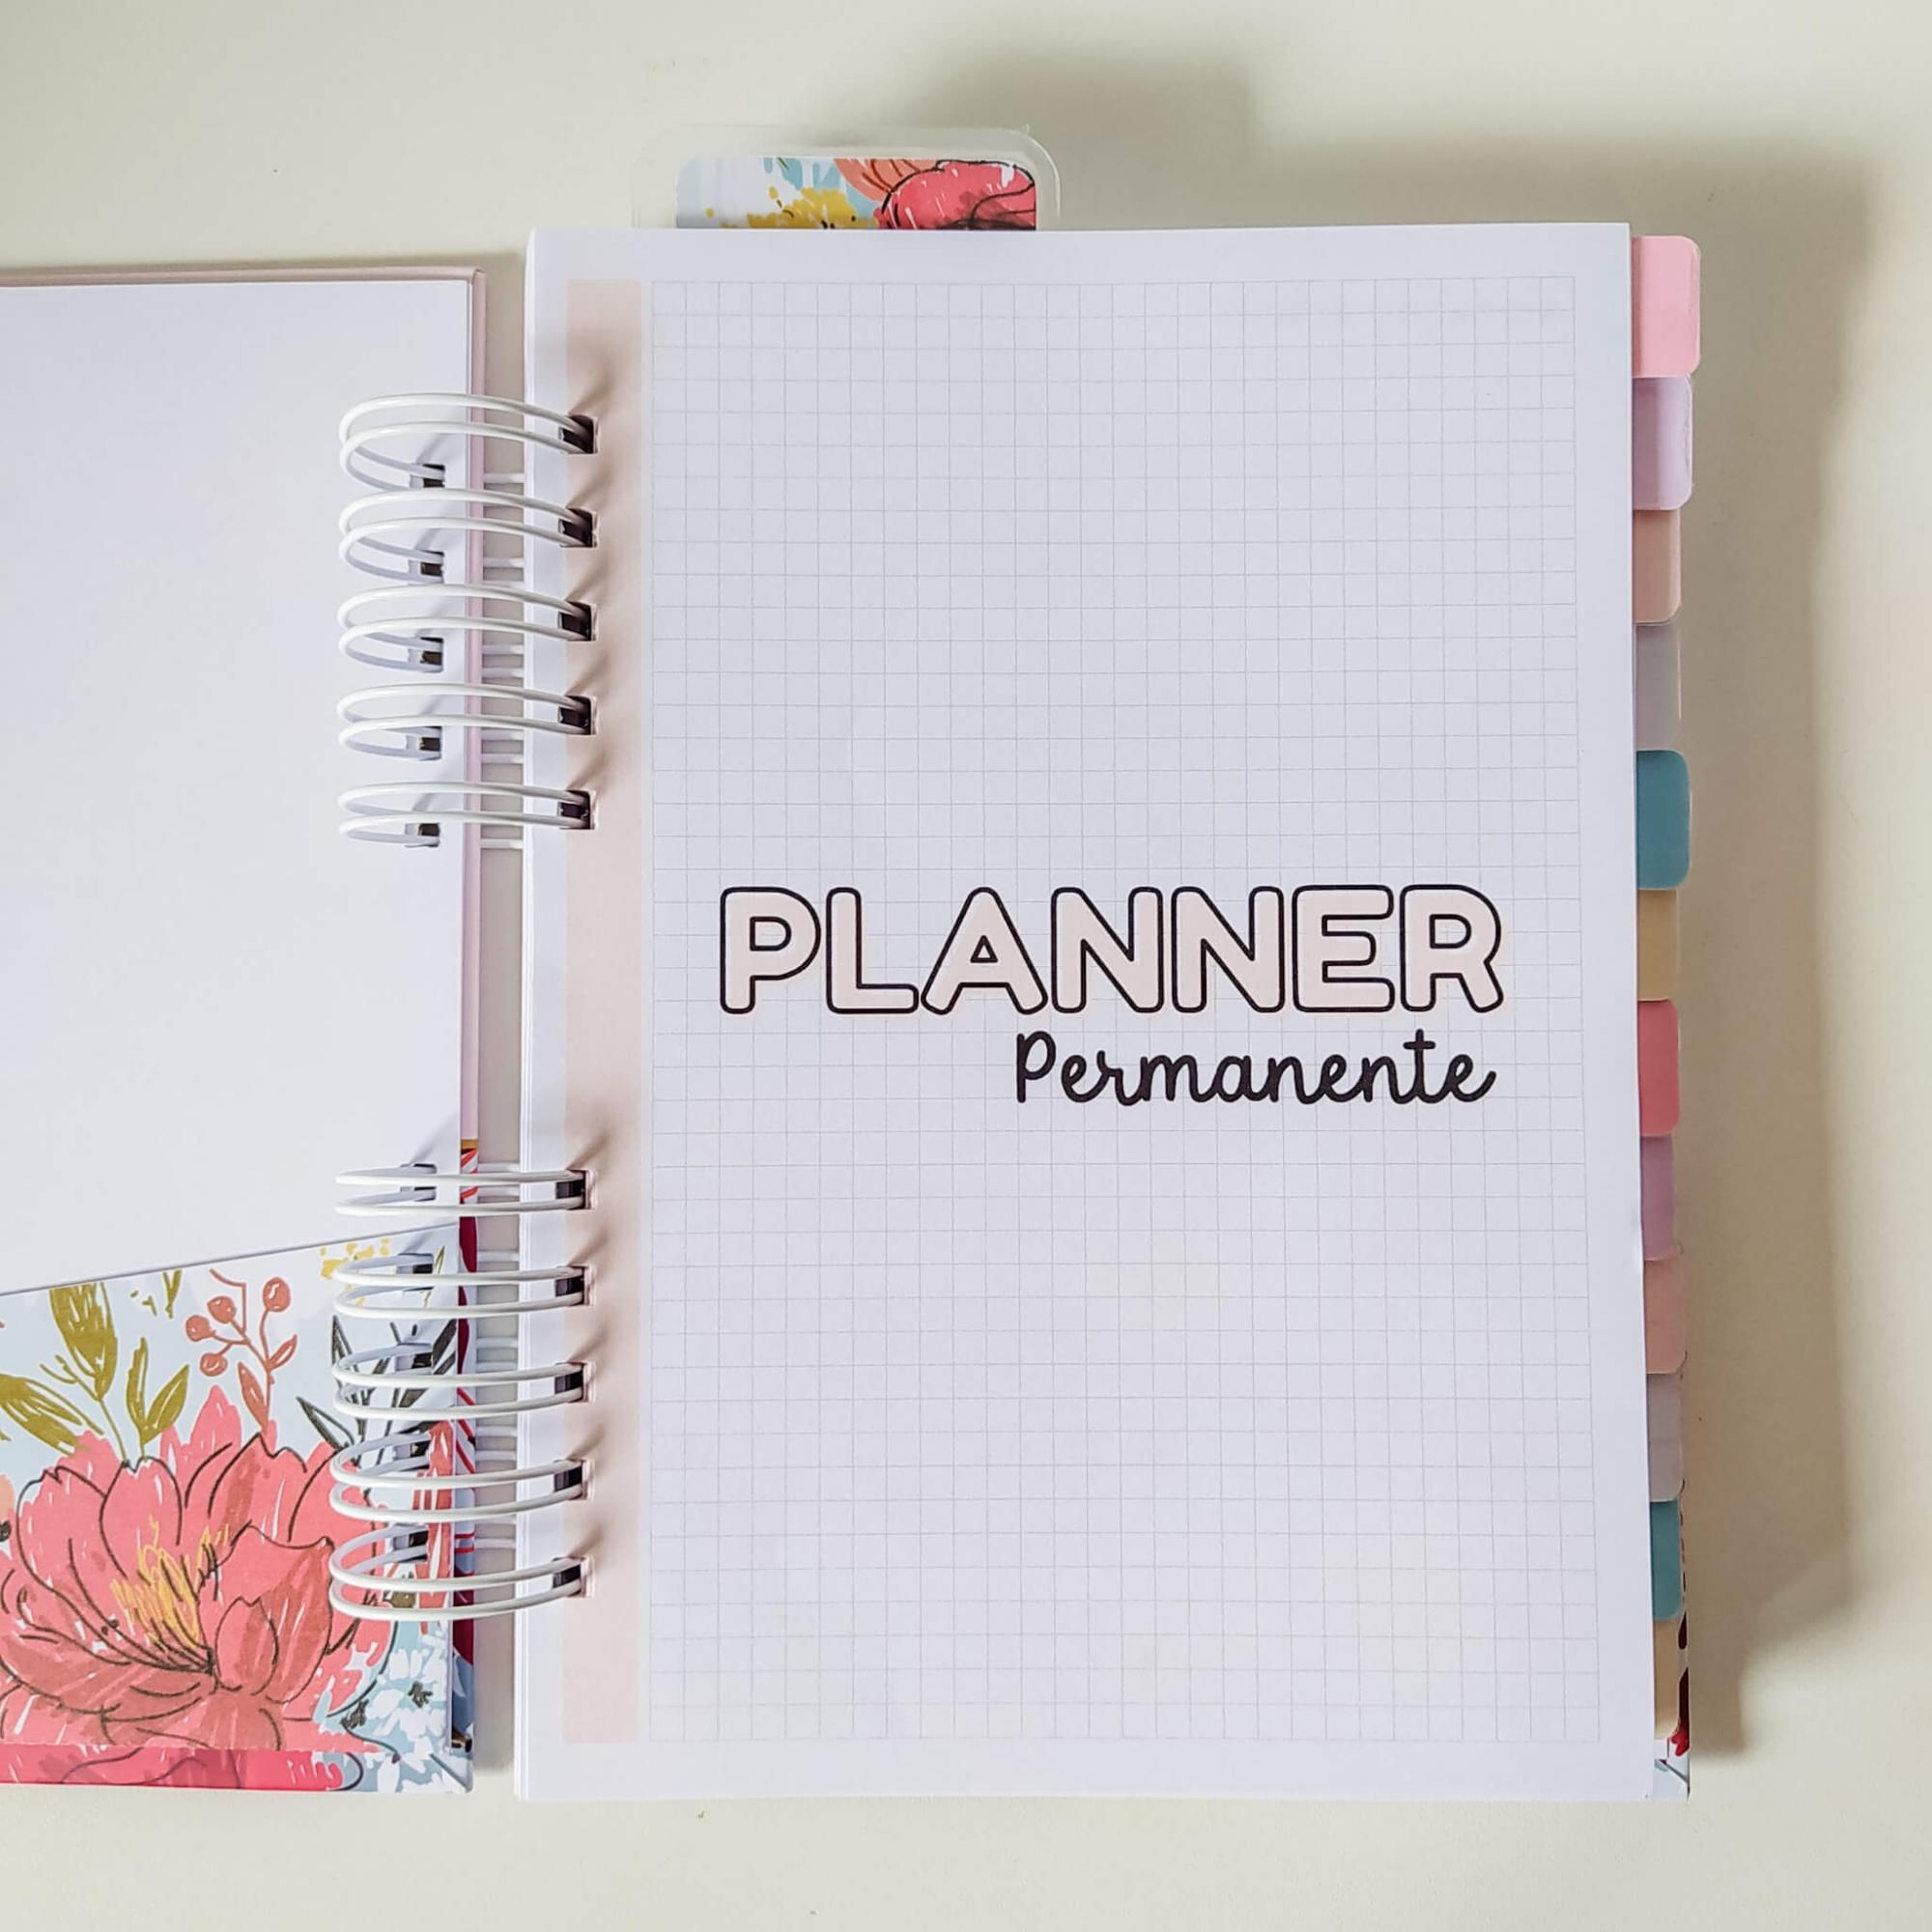 Planner permanente - Frases